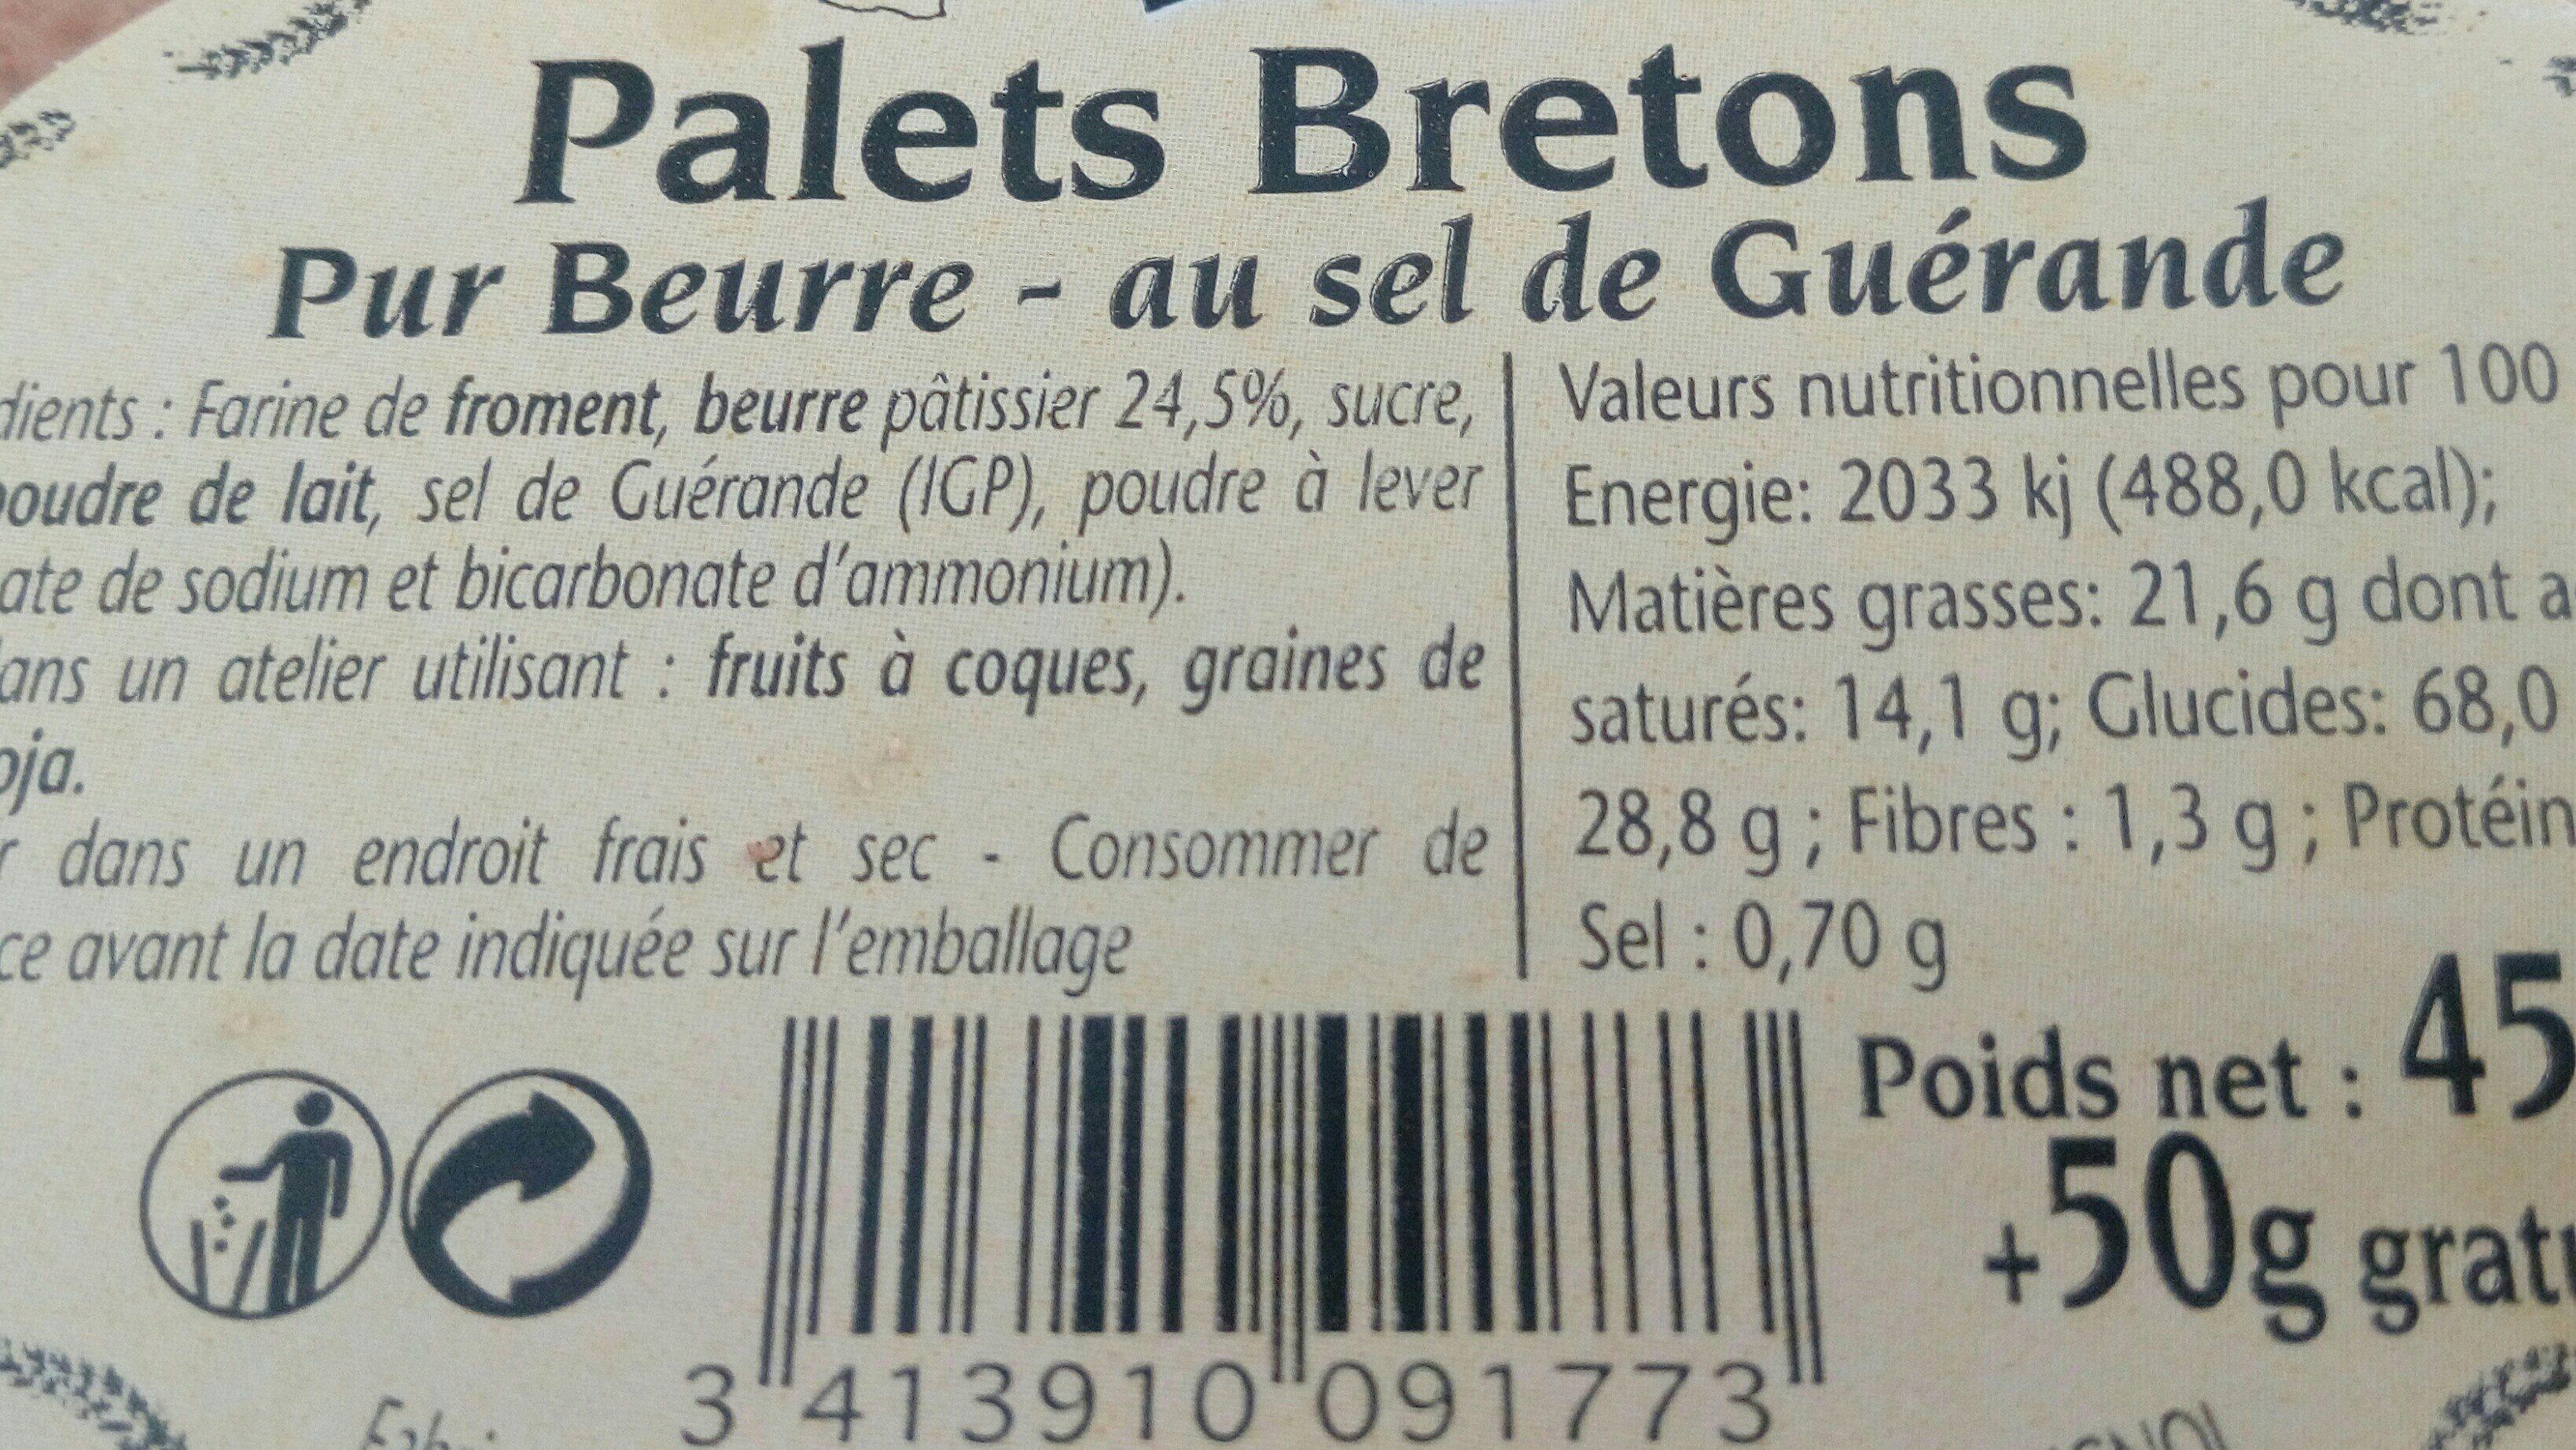 Palets bretons - Ingrédients - fr